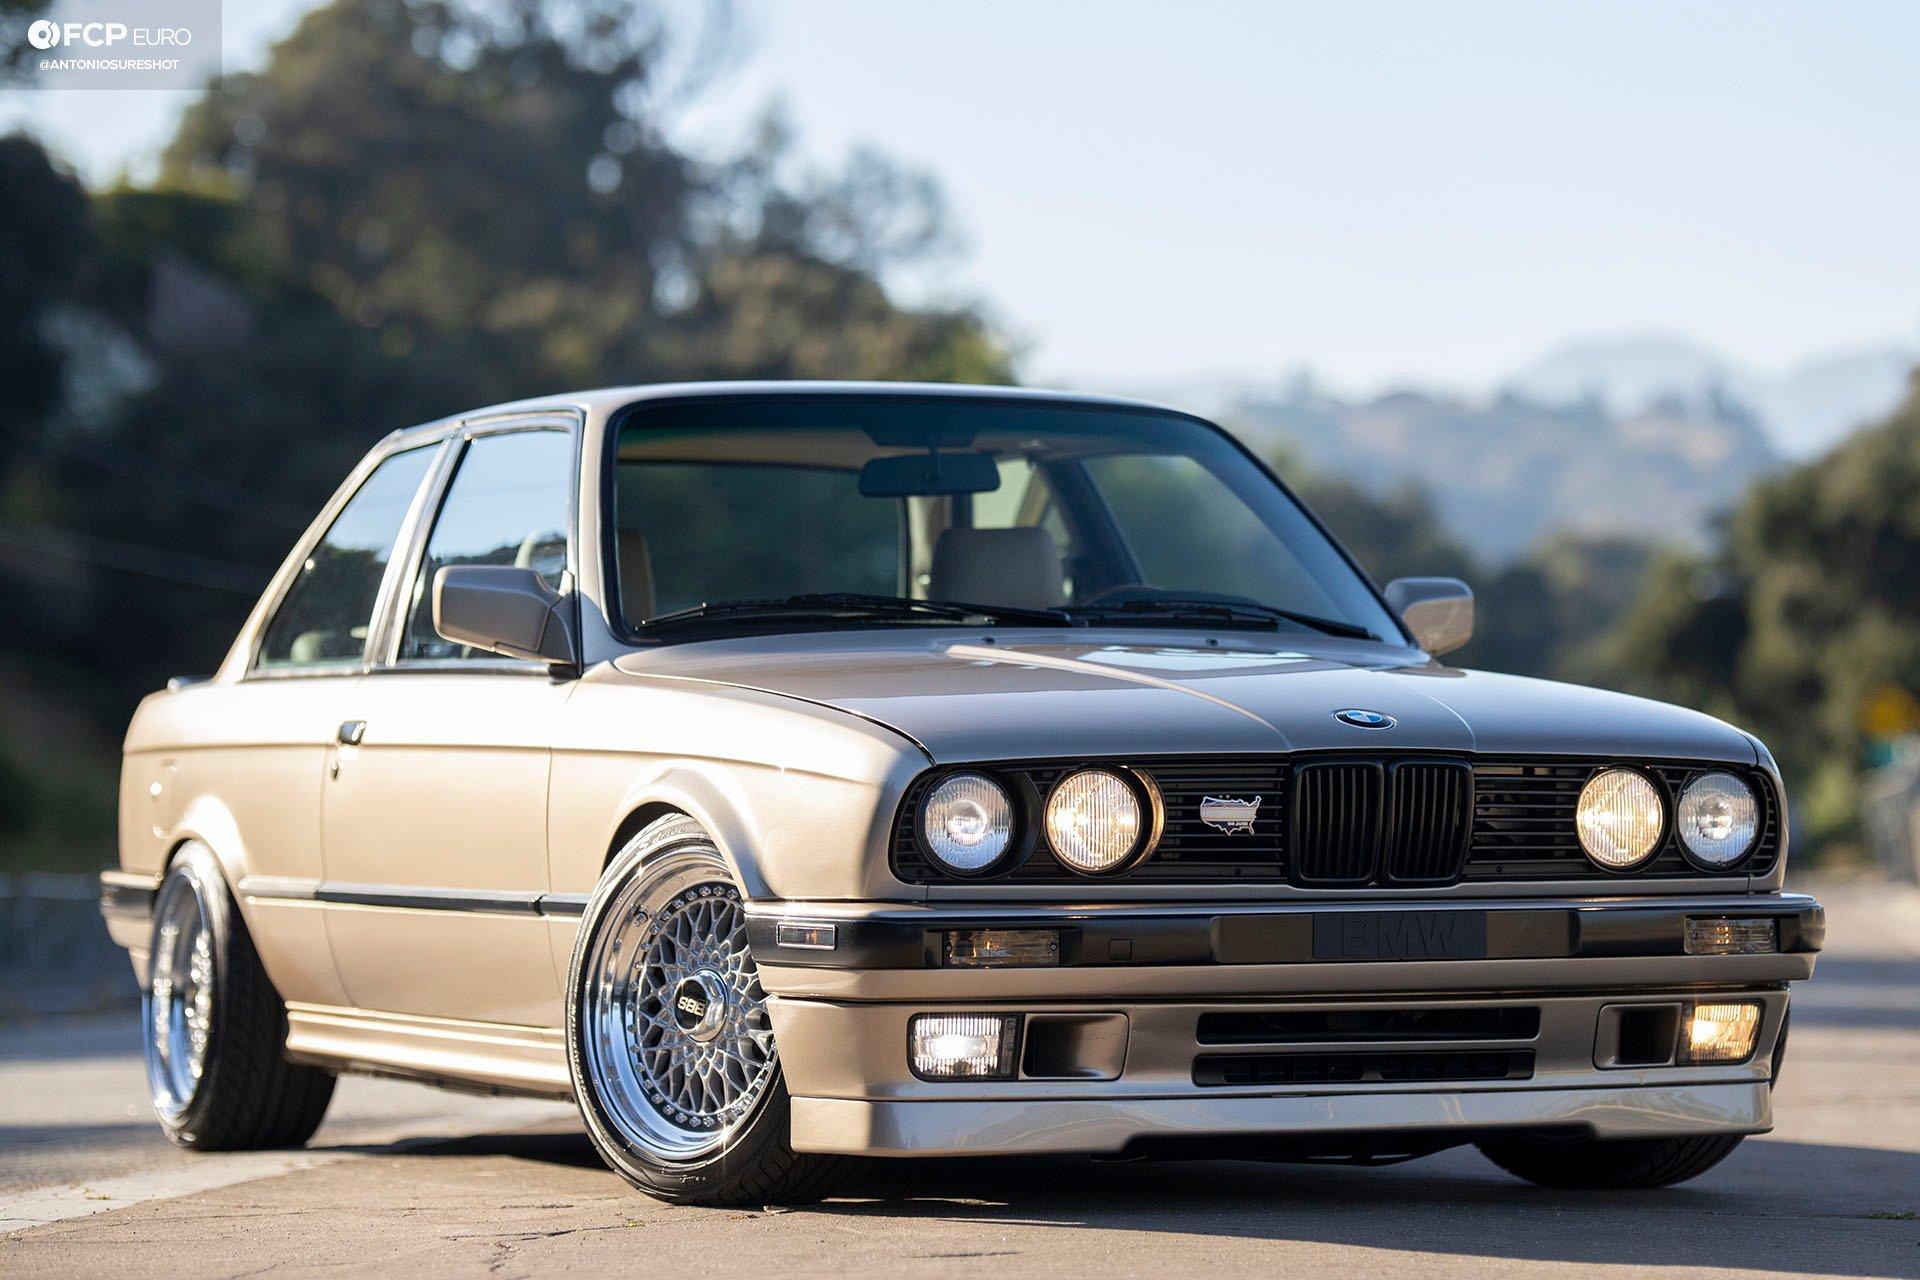 E30 1991 BMW 325i BBS RS BMWCCA Bimmerfest M20